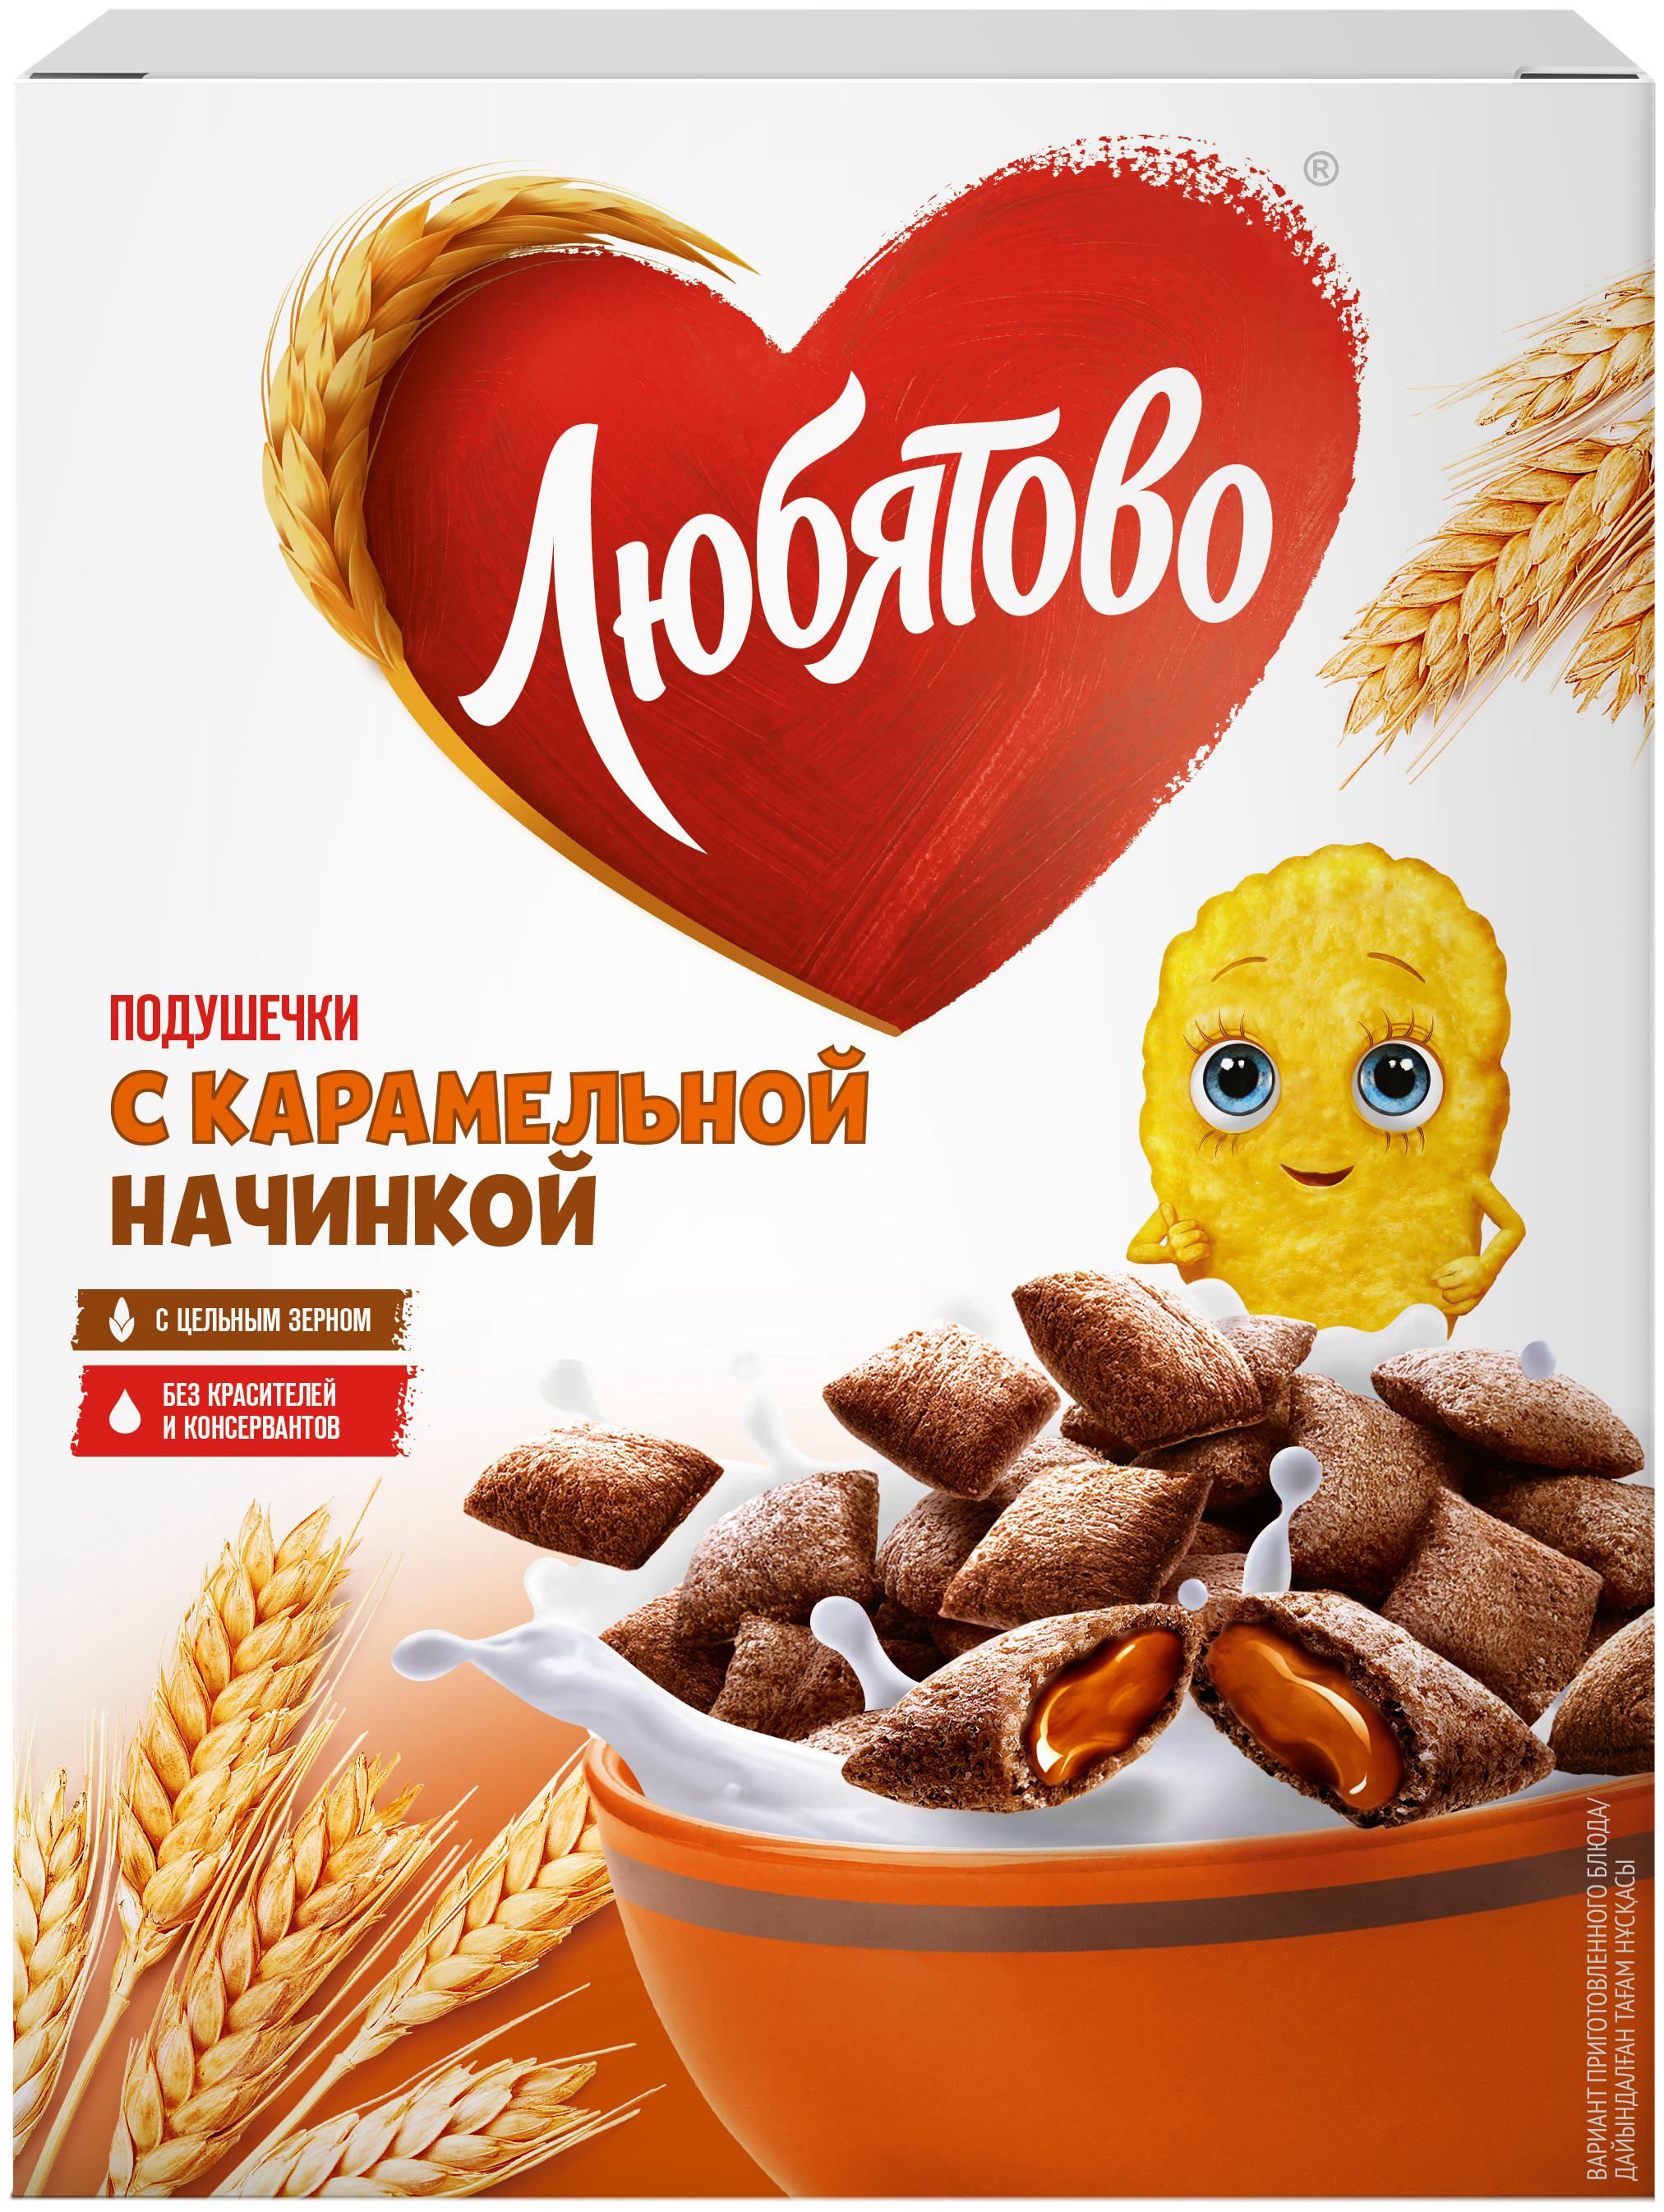 Купить Готовый завтрак Любятово Подушечки с карамельной начинкой, коробка, 250 г по низкой цене с доставкой из Яндекс.Маркета